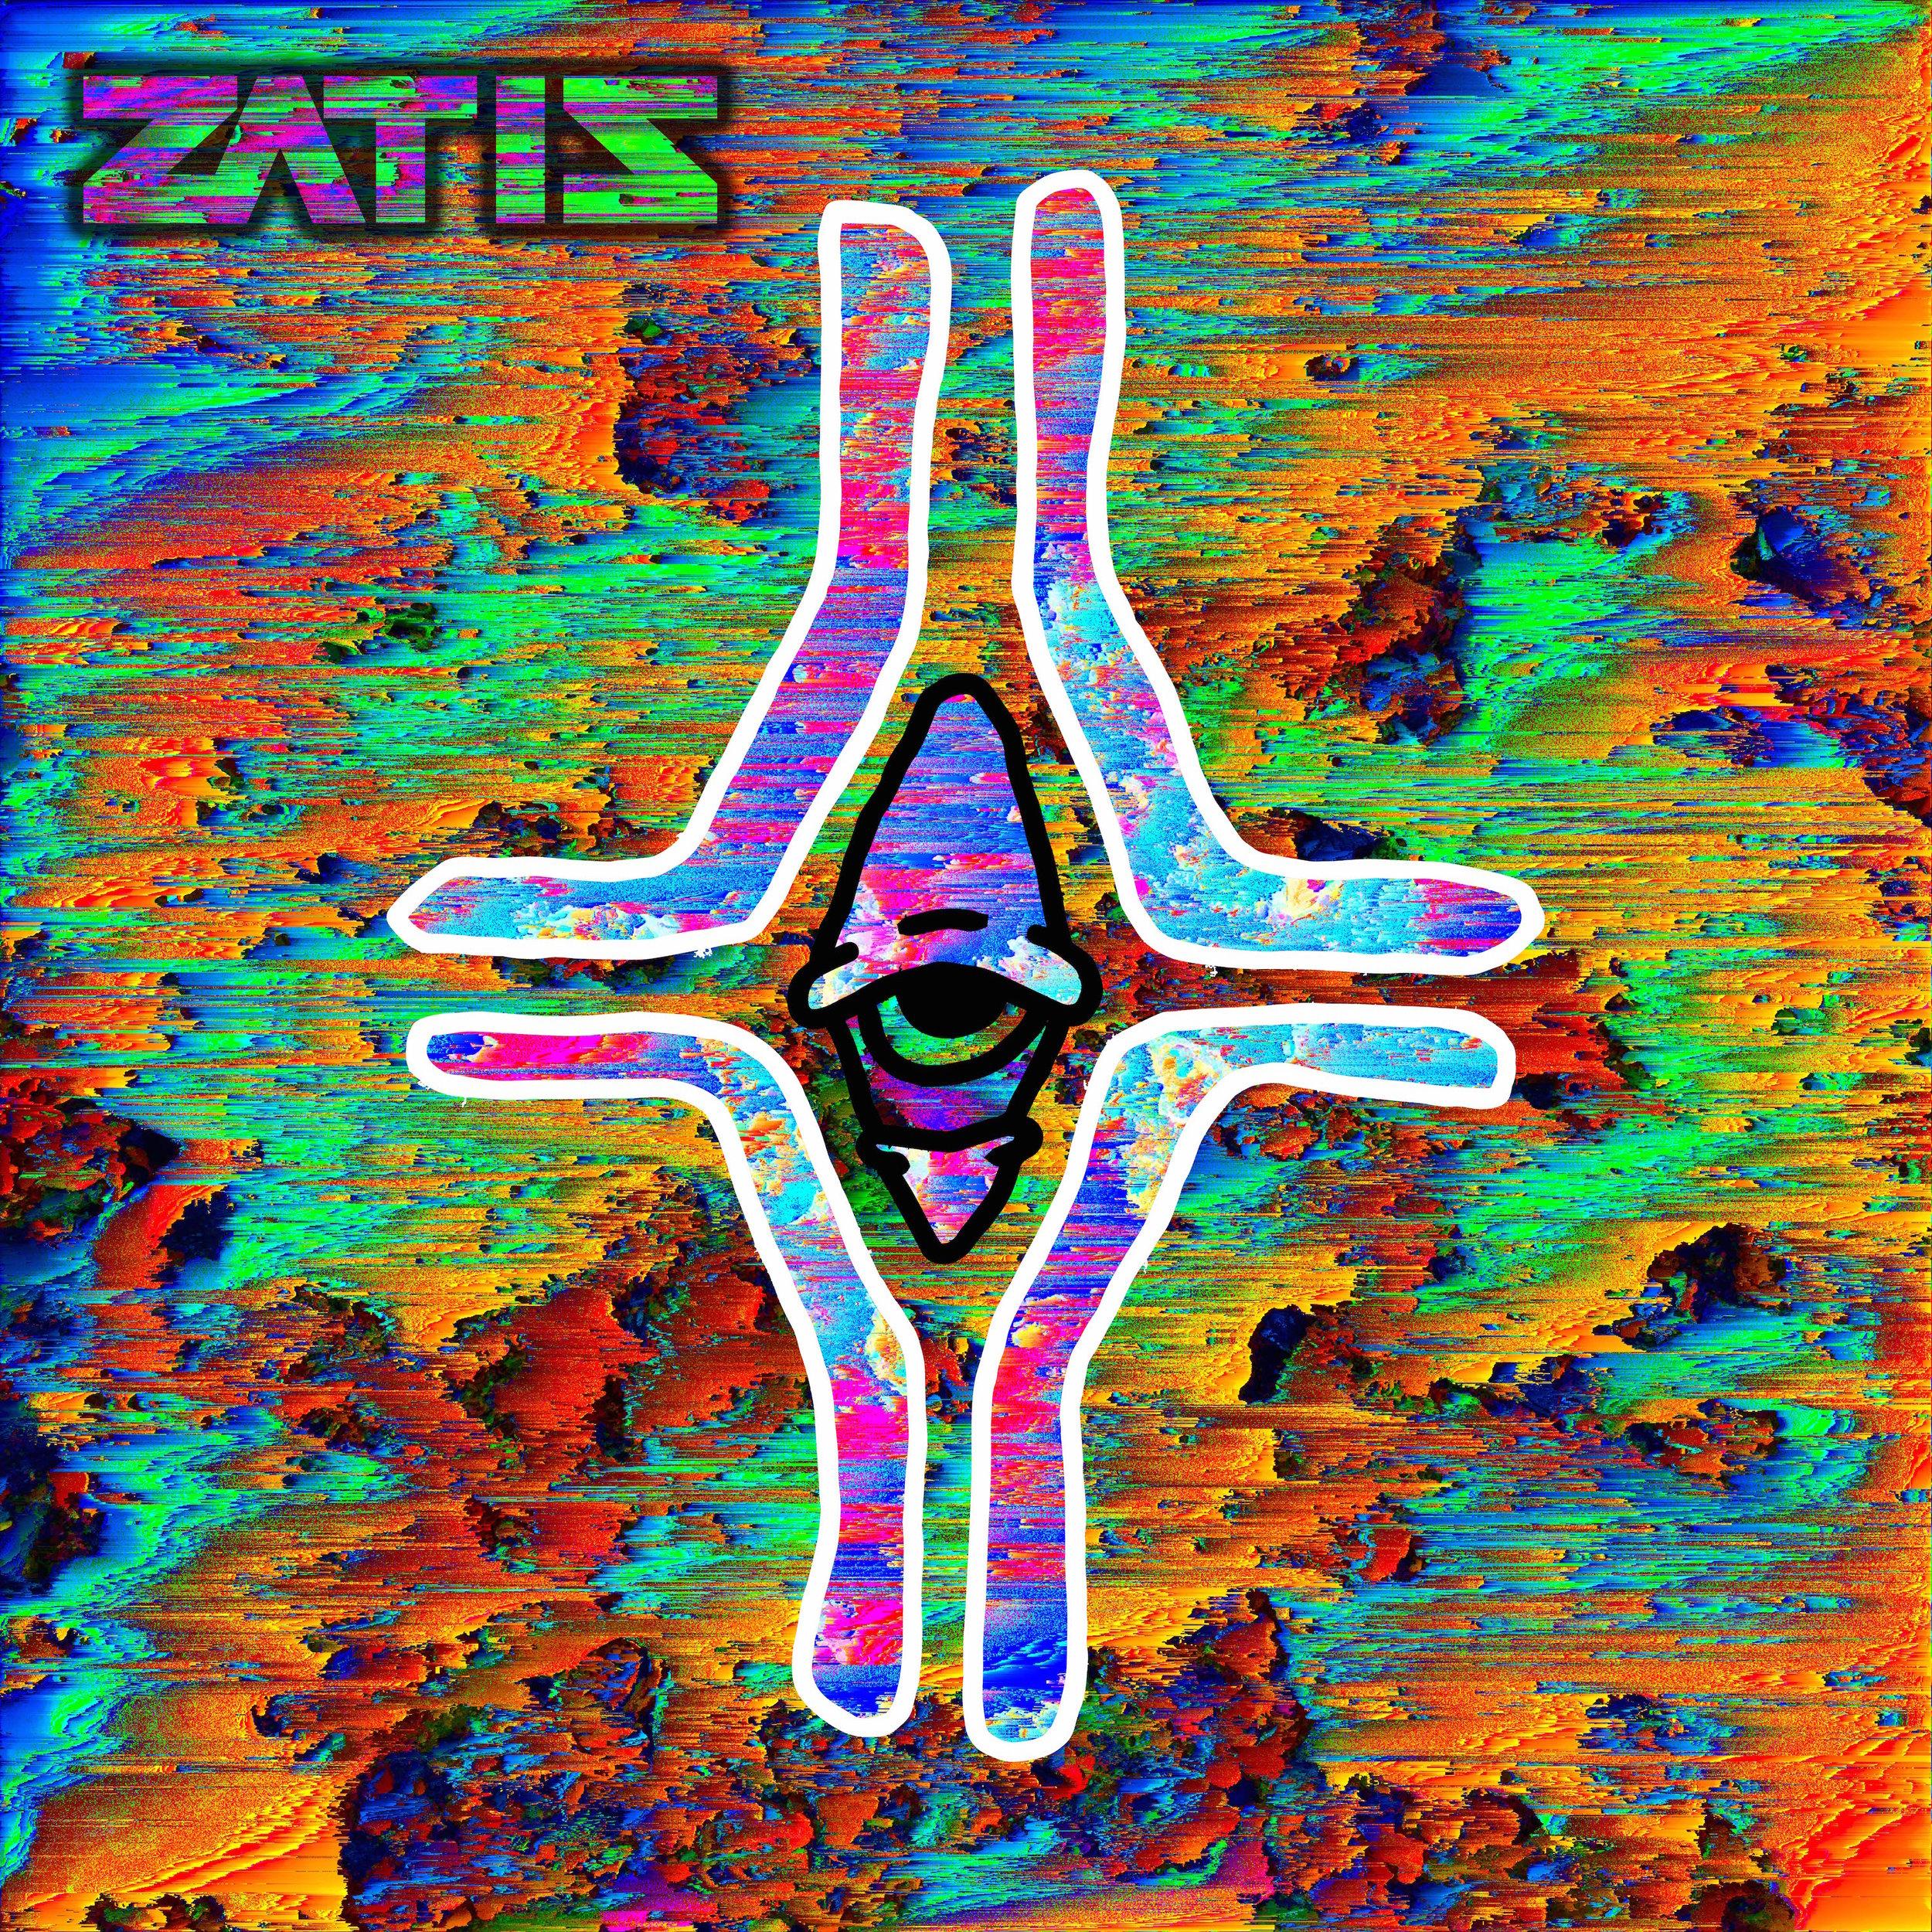 zatis mellow diamond eyetrip profile pic copy.jpg